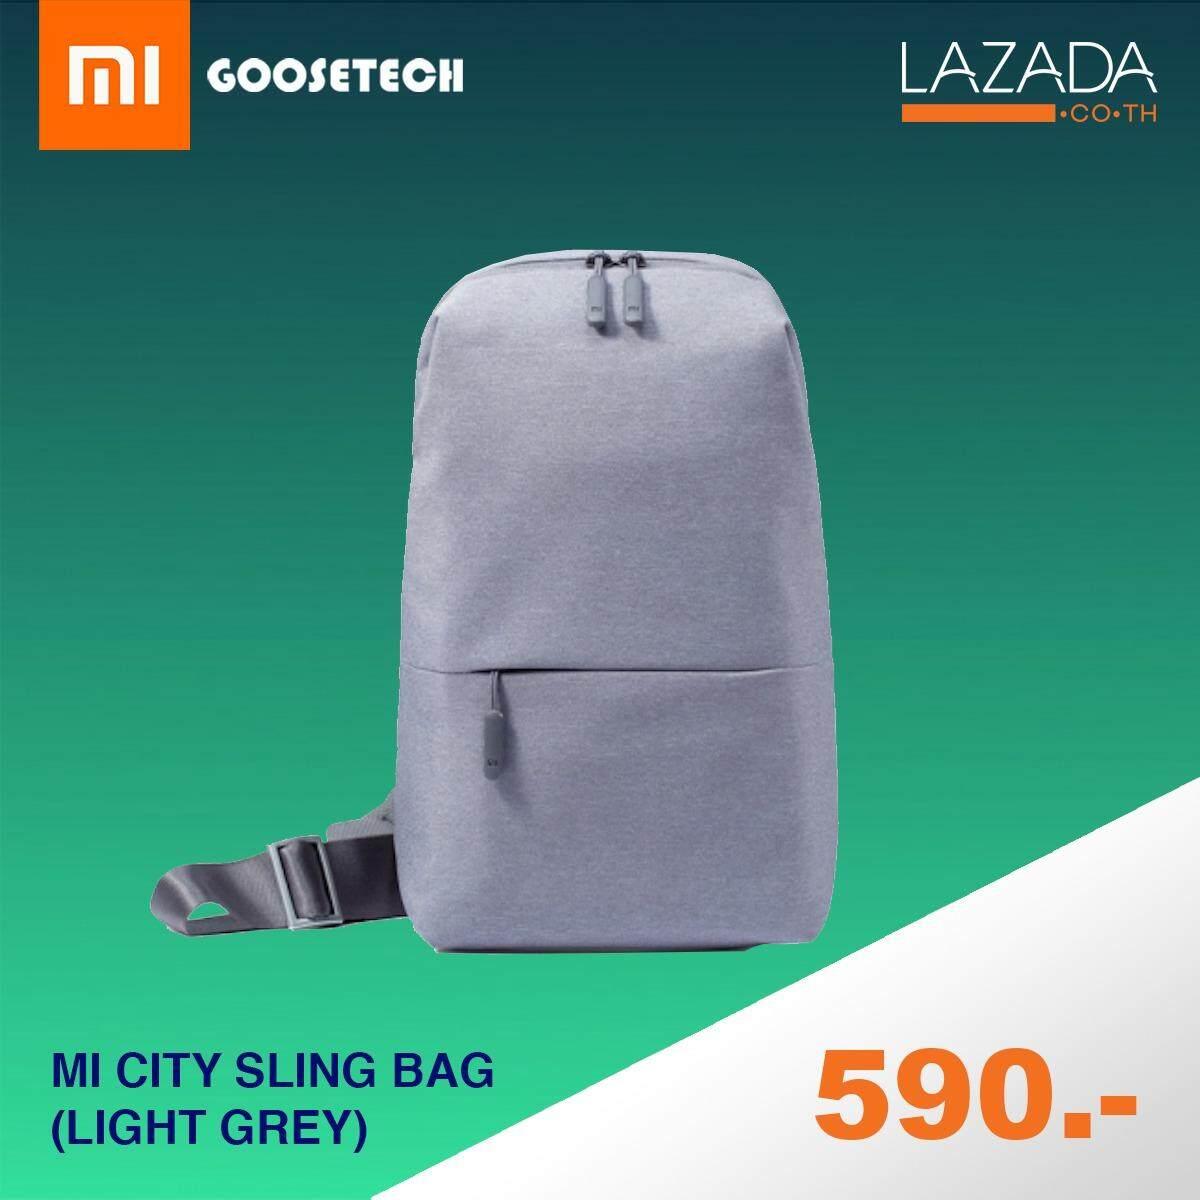 ราคา Mi Sling Bag กระเป๋าสะพายข้าง เป็นต้นฉบับ